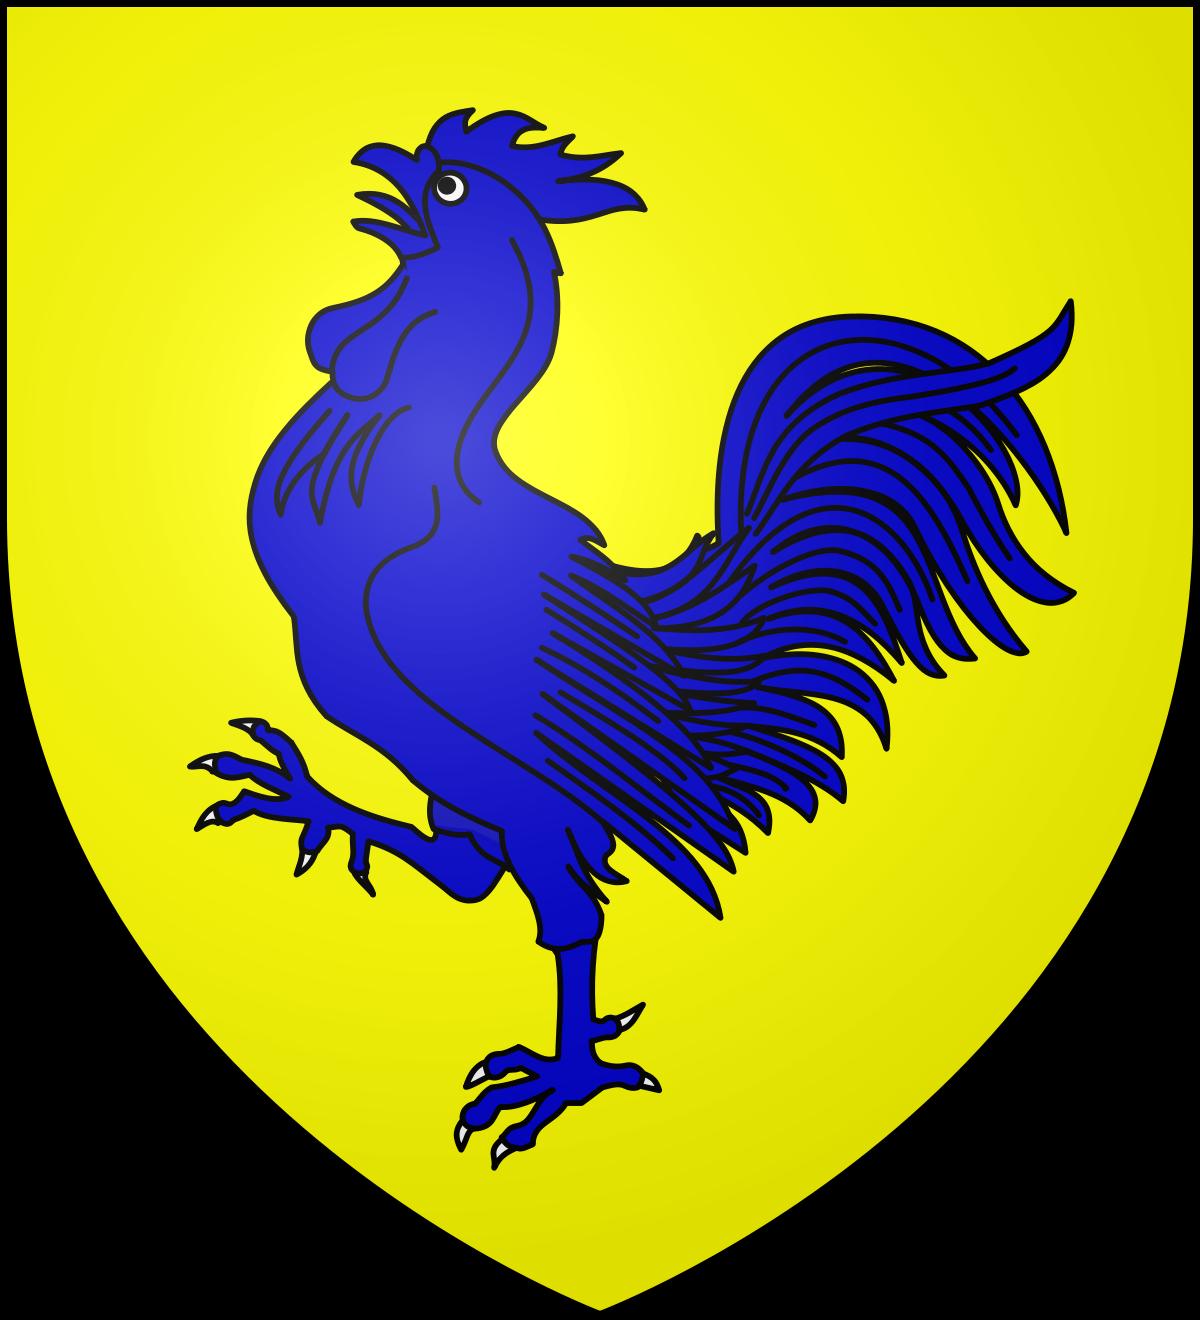 stemma-swyft